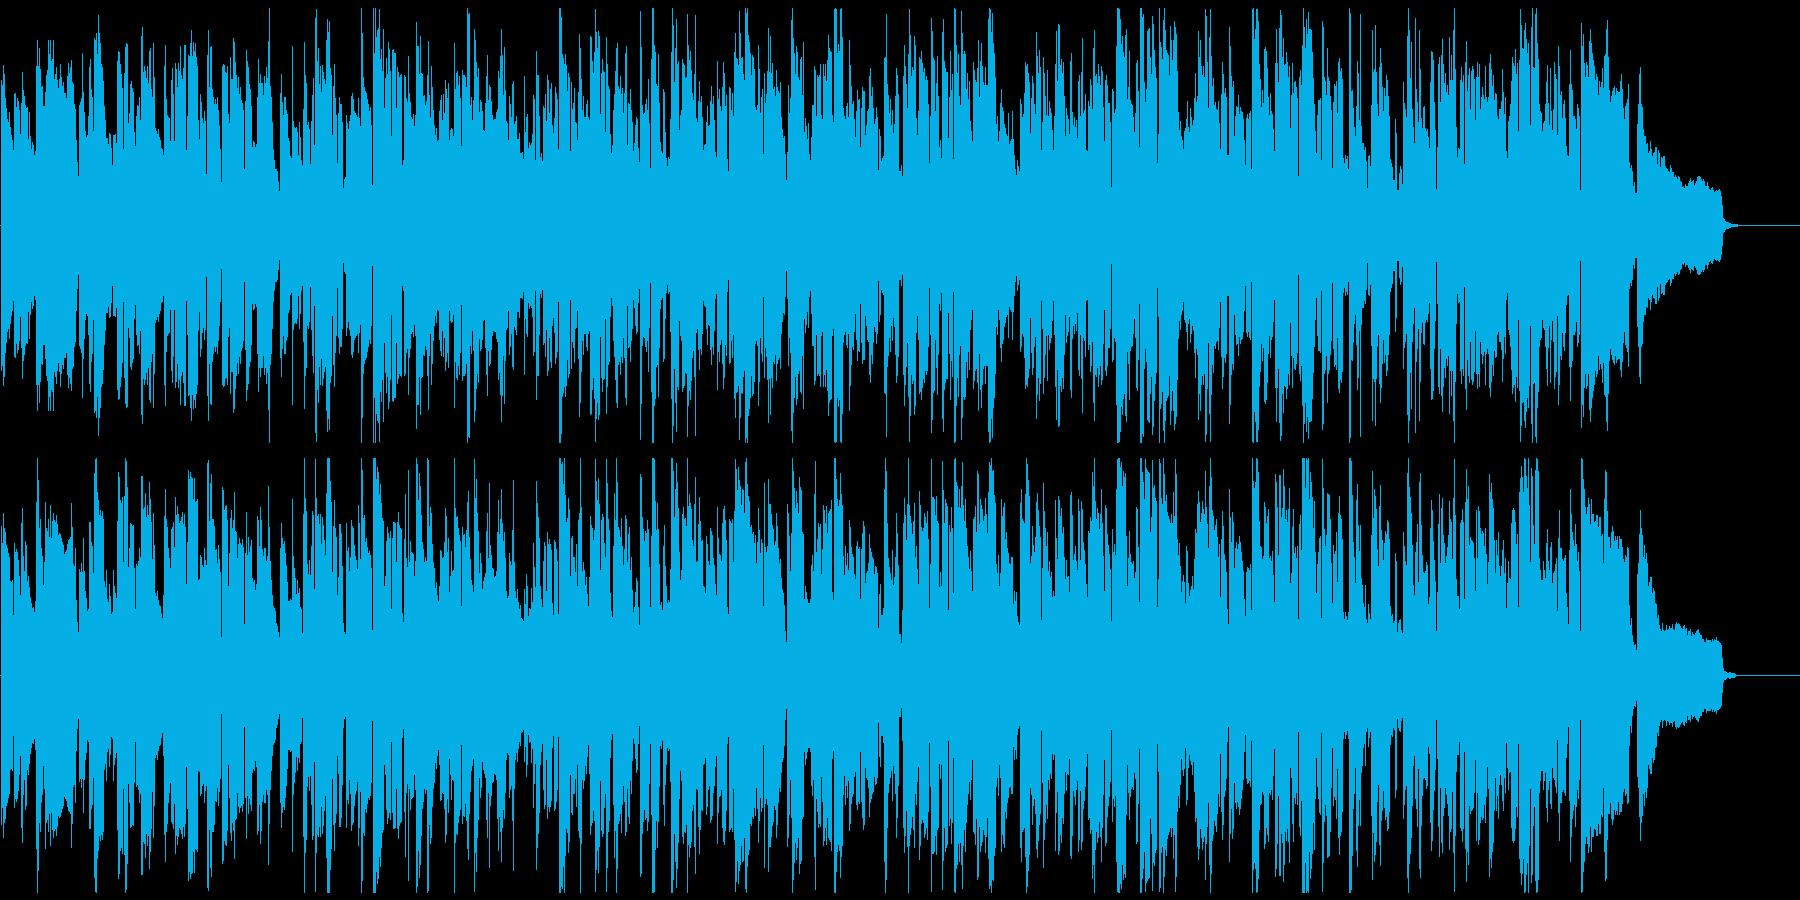 珍しいリコーダーのジャズ、かわいい音色の再生済みの波形